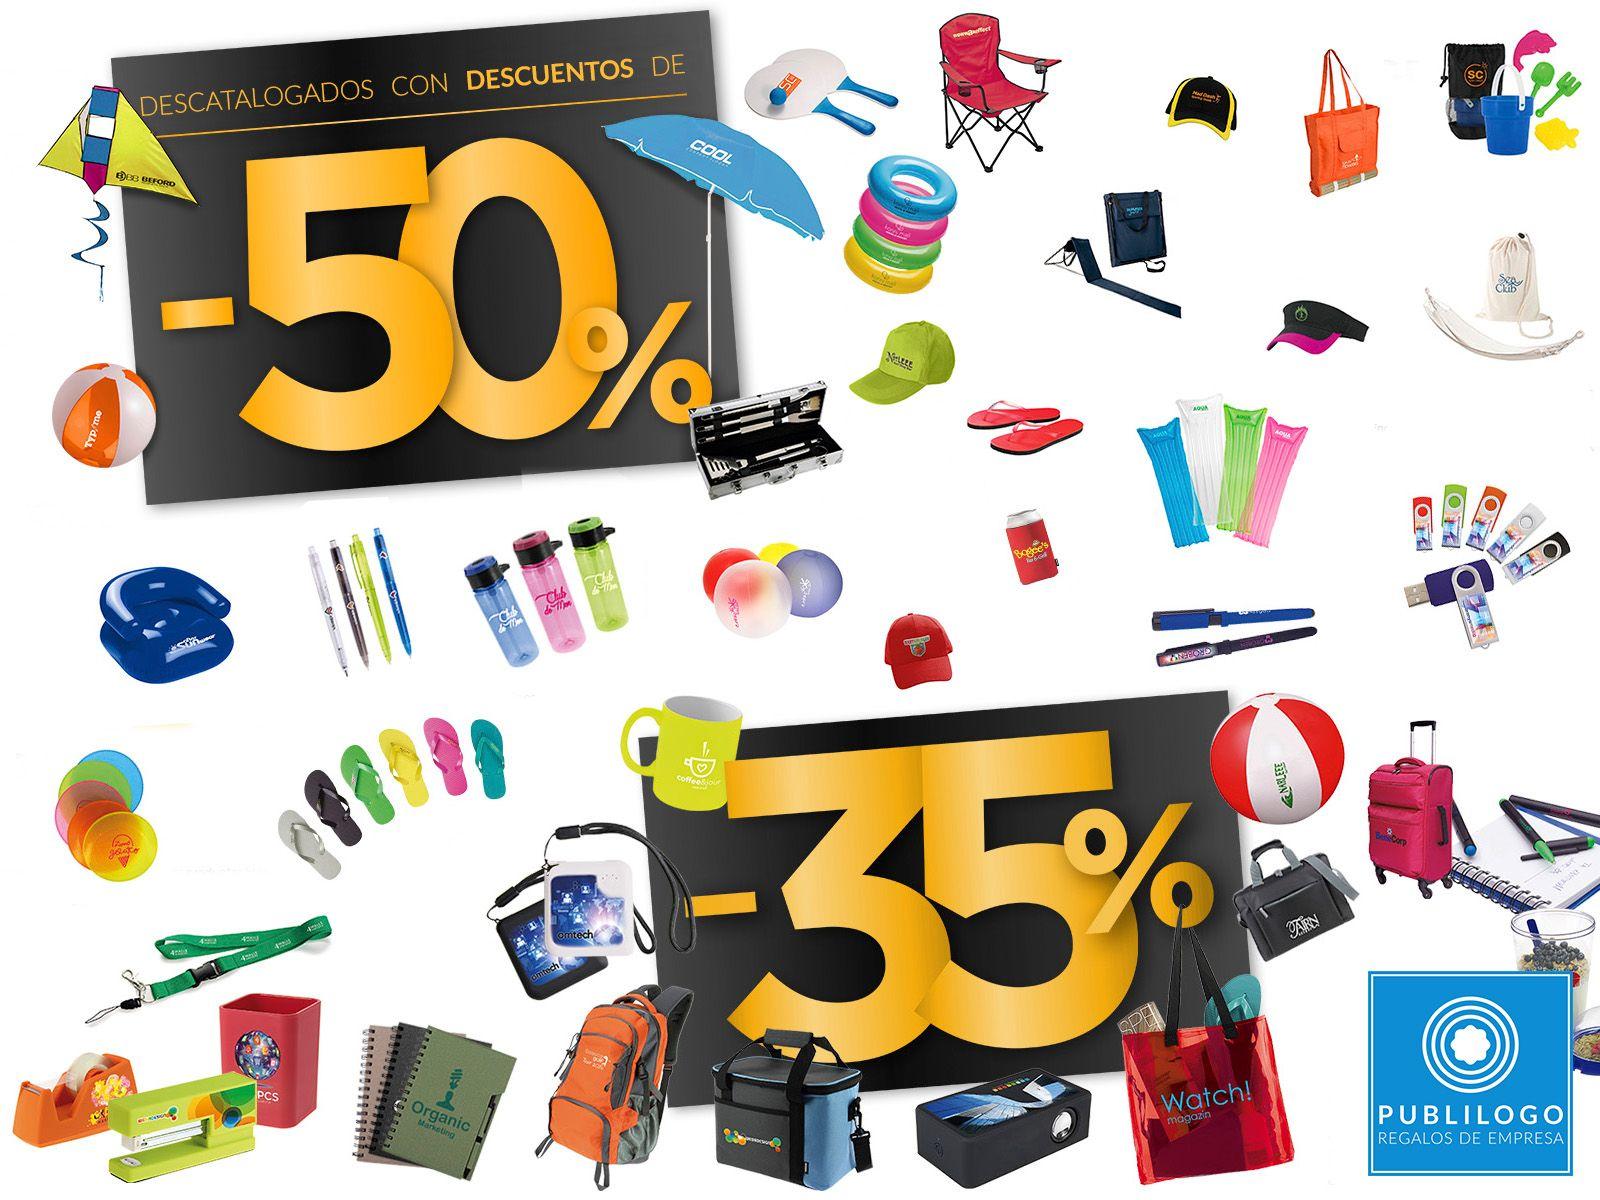 Regalos de empresa baratos. Casi 400 artículos promocionales con descuentos del 35 y 50%